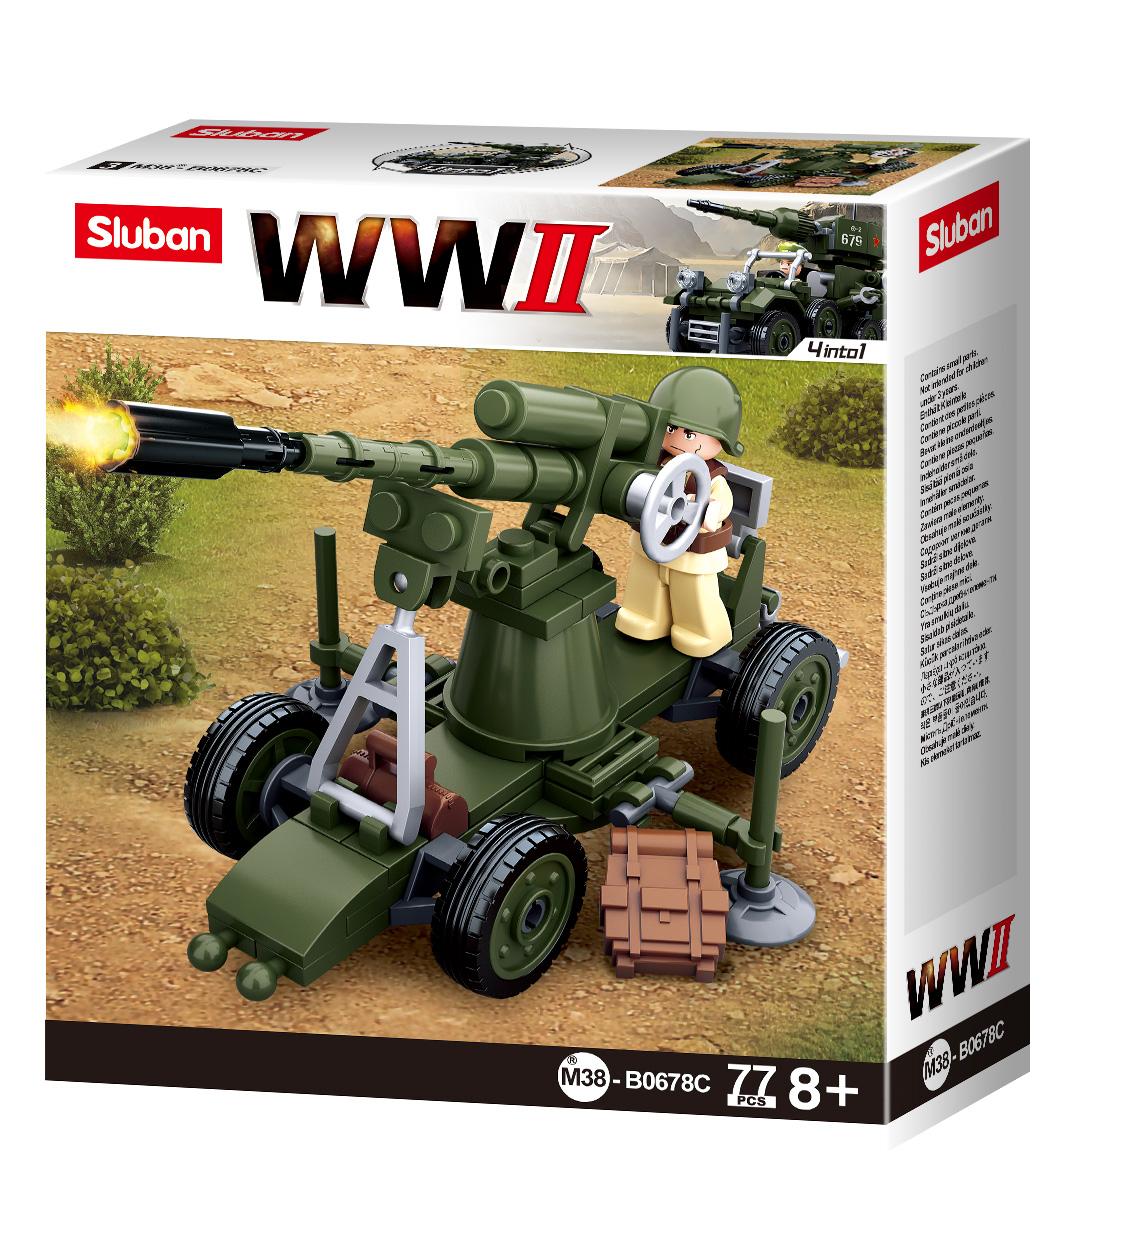 Конструктор Sluban Армия Вторая Мировая Война 4 в 1, 77 деталей